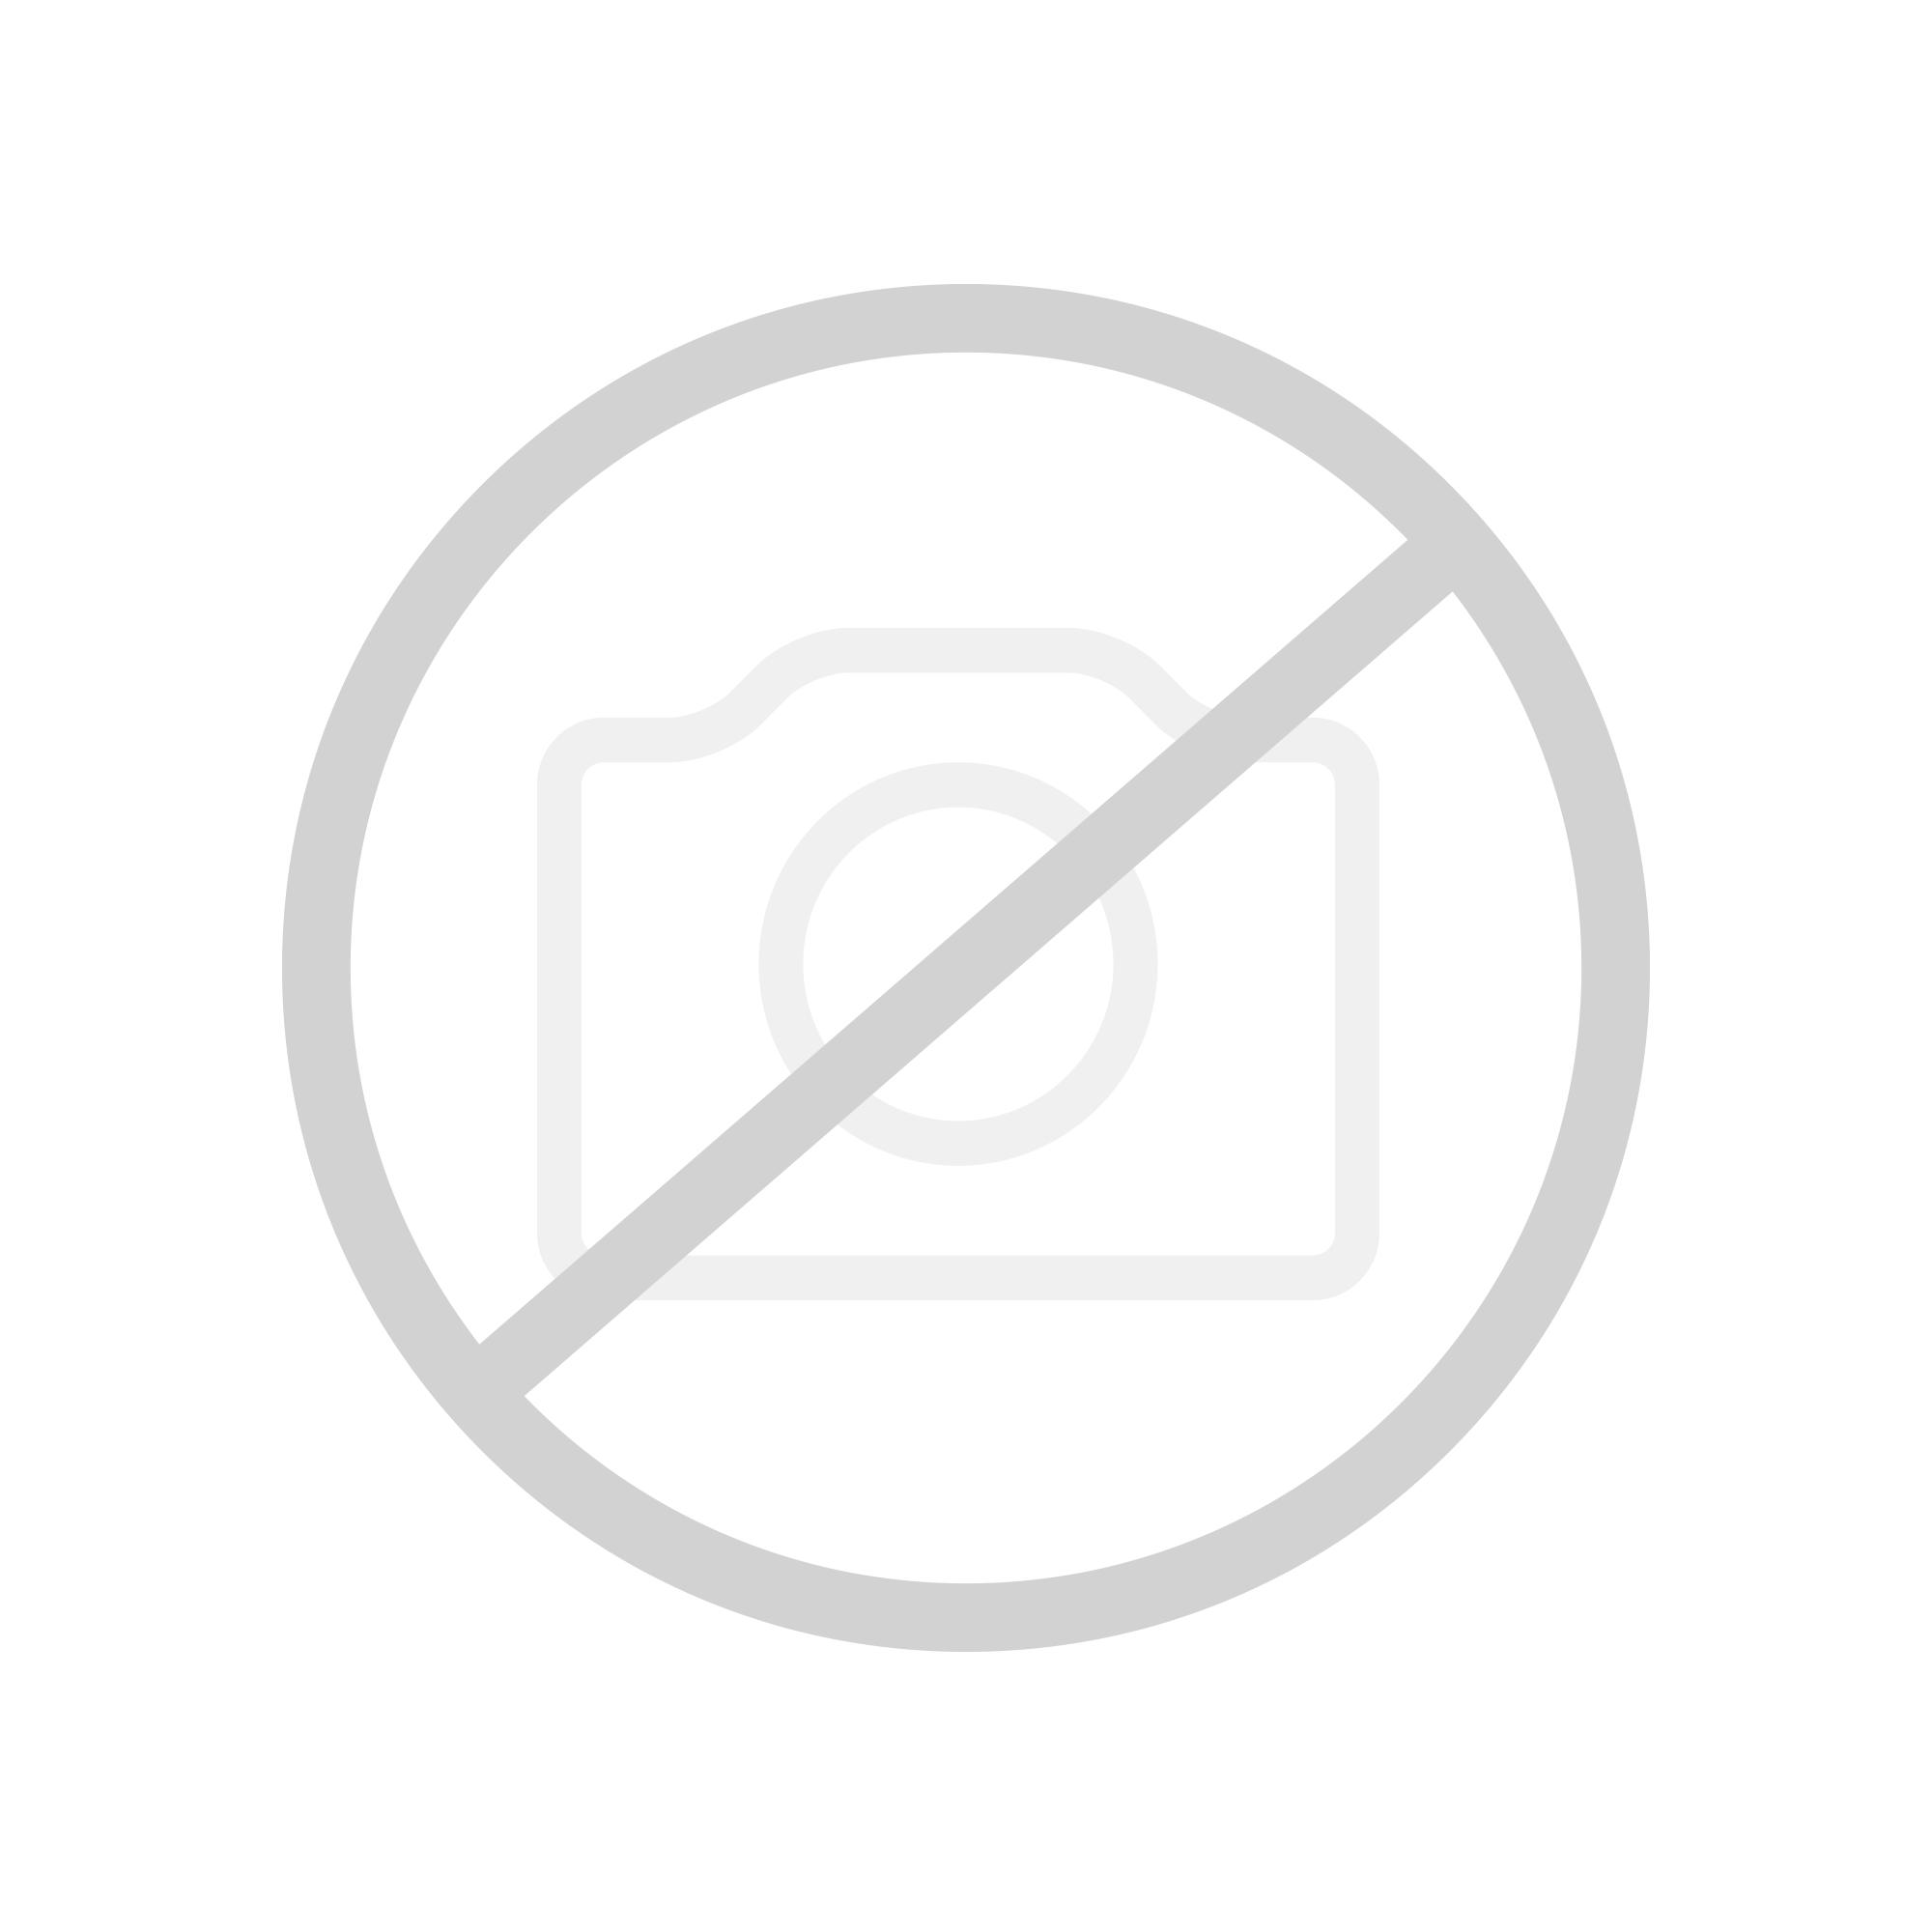 bäder in grautönen einrichten - so geht's | reuter magazin, Hause ideen